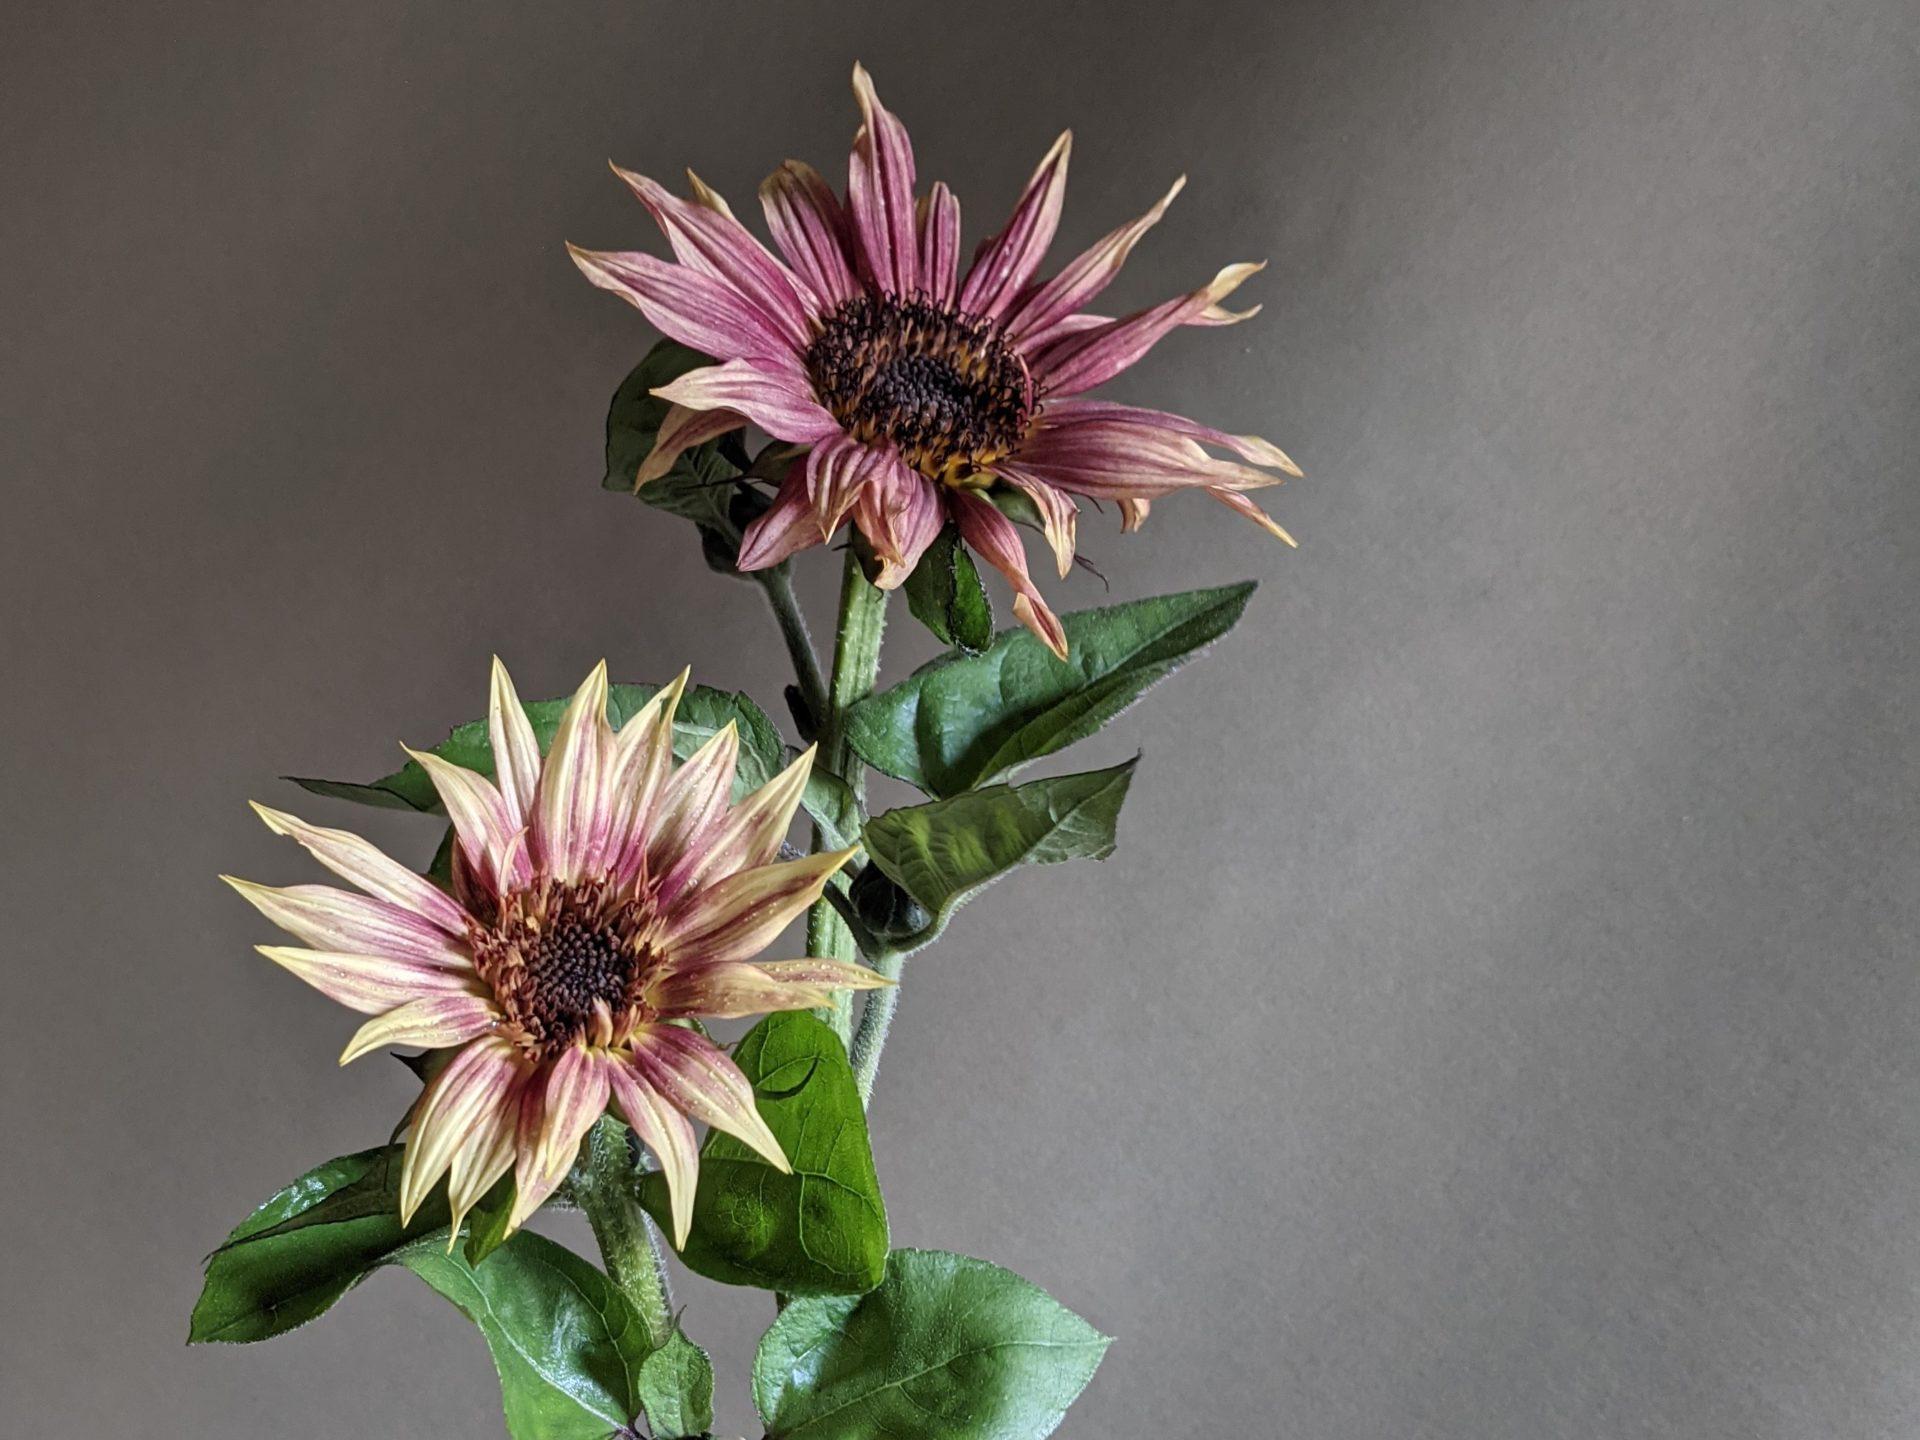 Bronze & Burgundy Sunflowers